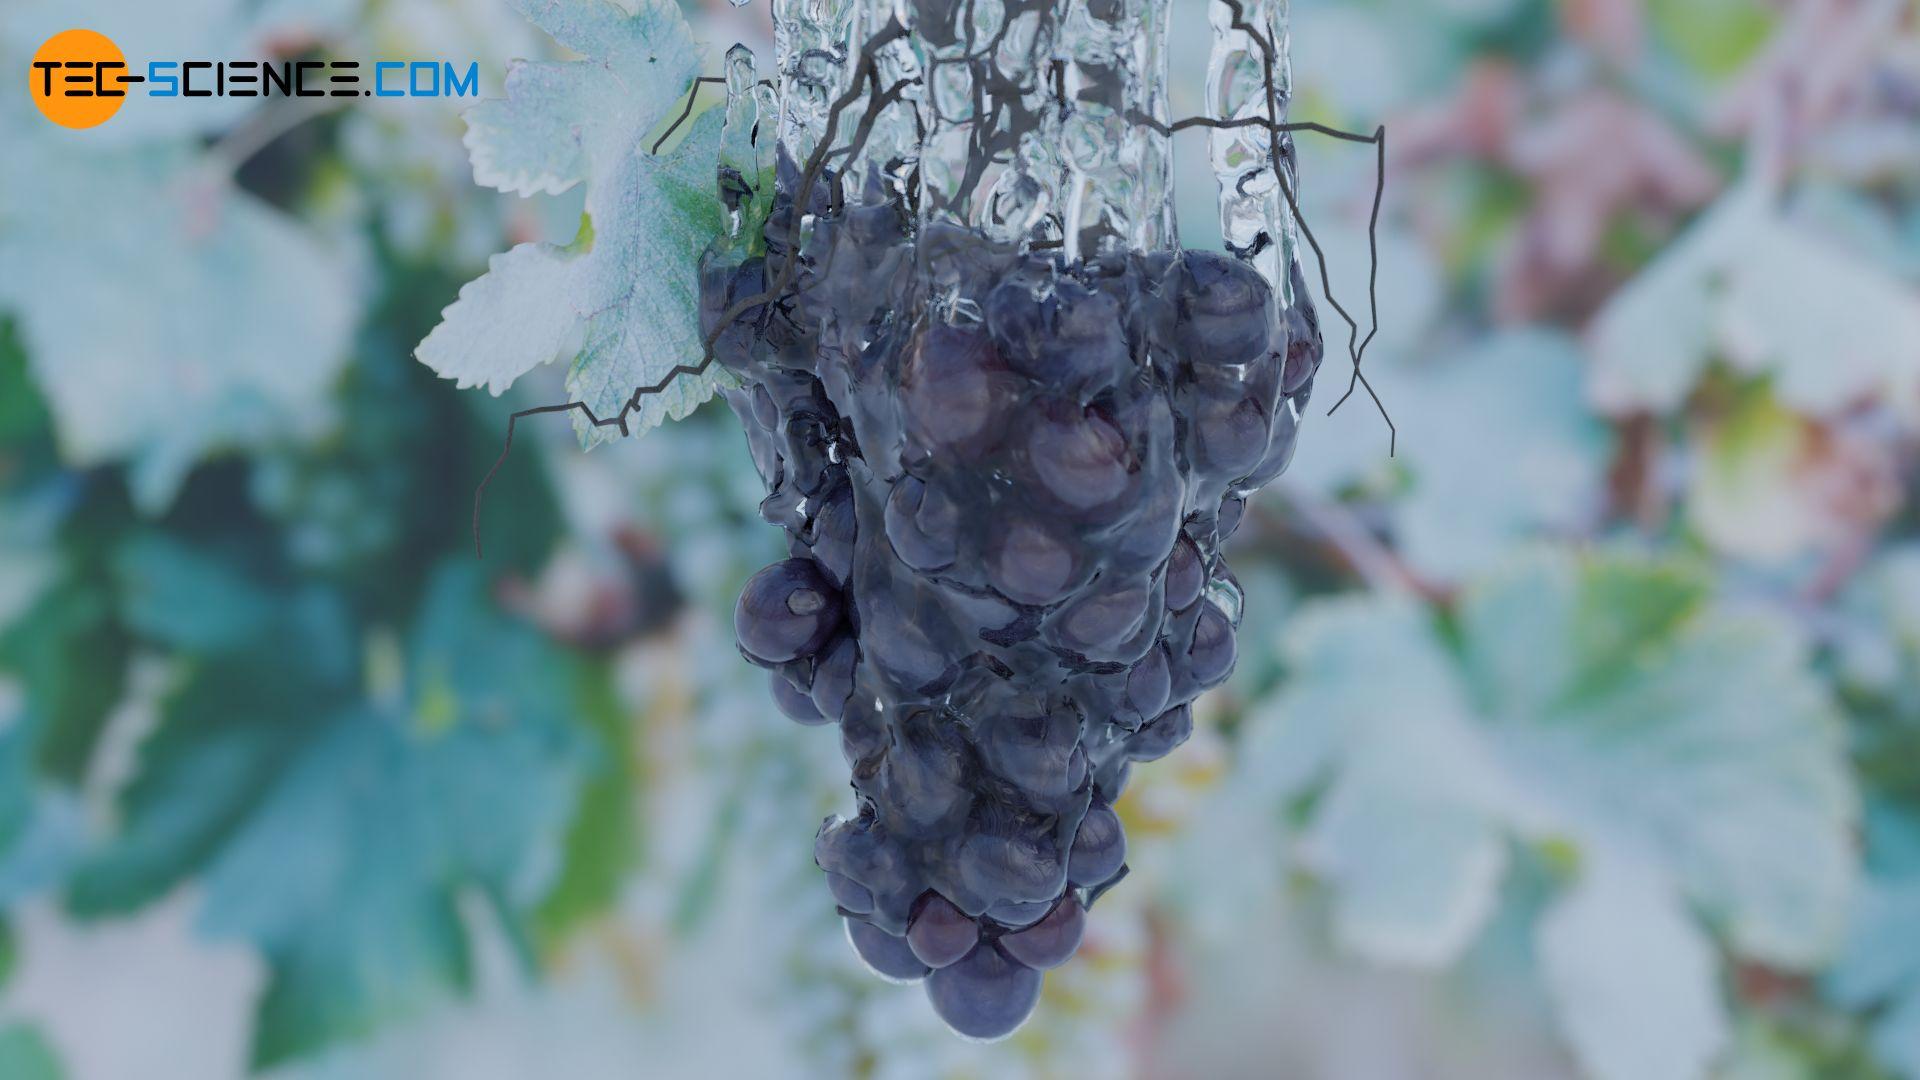 Beregnen einer Weinrebe mit Wasser als Frostschutz (Frostschutzberegnung)